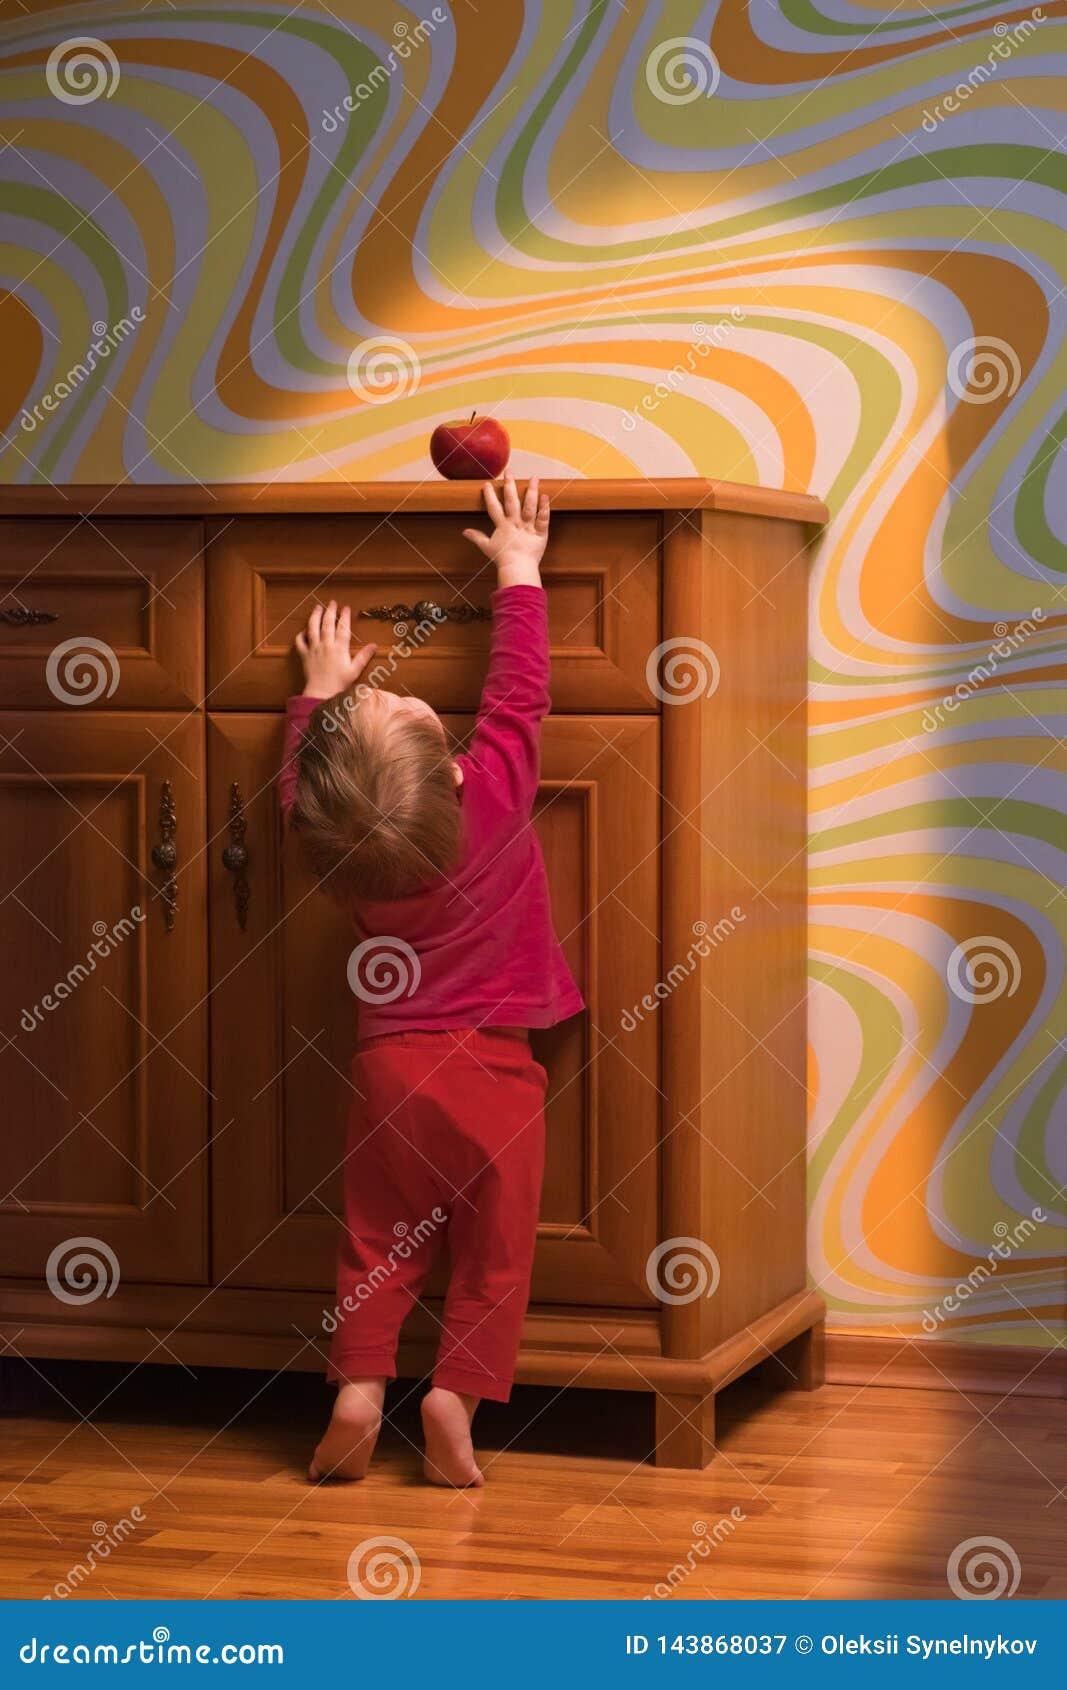 Persistenza concettuale Concetto di nutrizione del bambino Bambino che prova a raggiungere mela rossa Pasto felice per i bambini